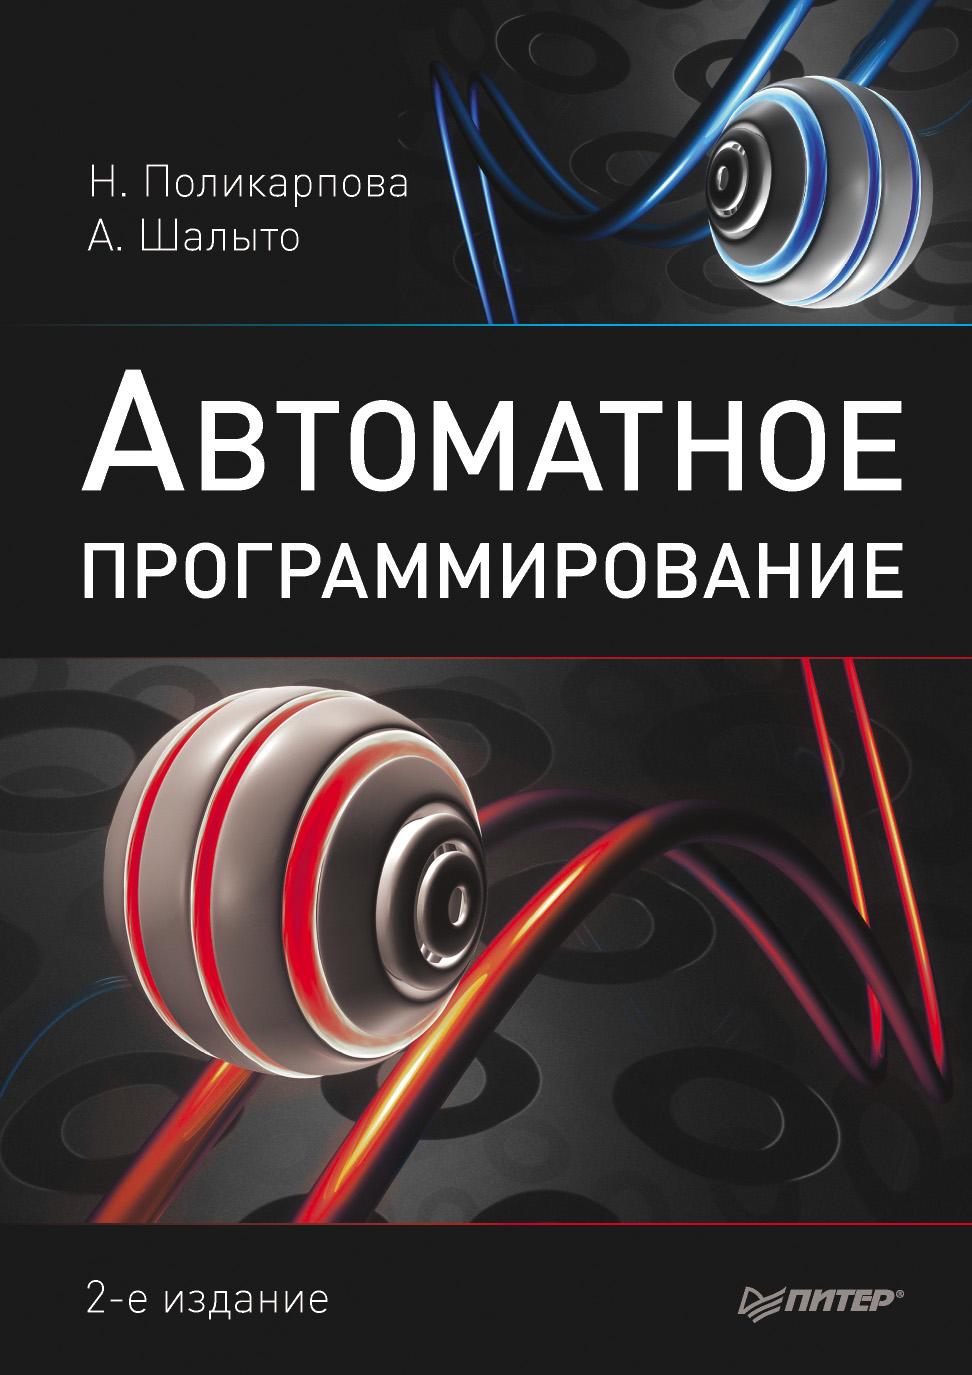 Надежда Поликарпова, Анатолий Шалыто «Автоматное программирование»